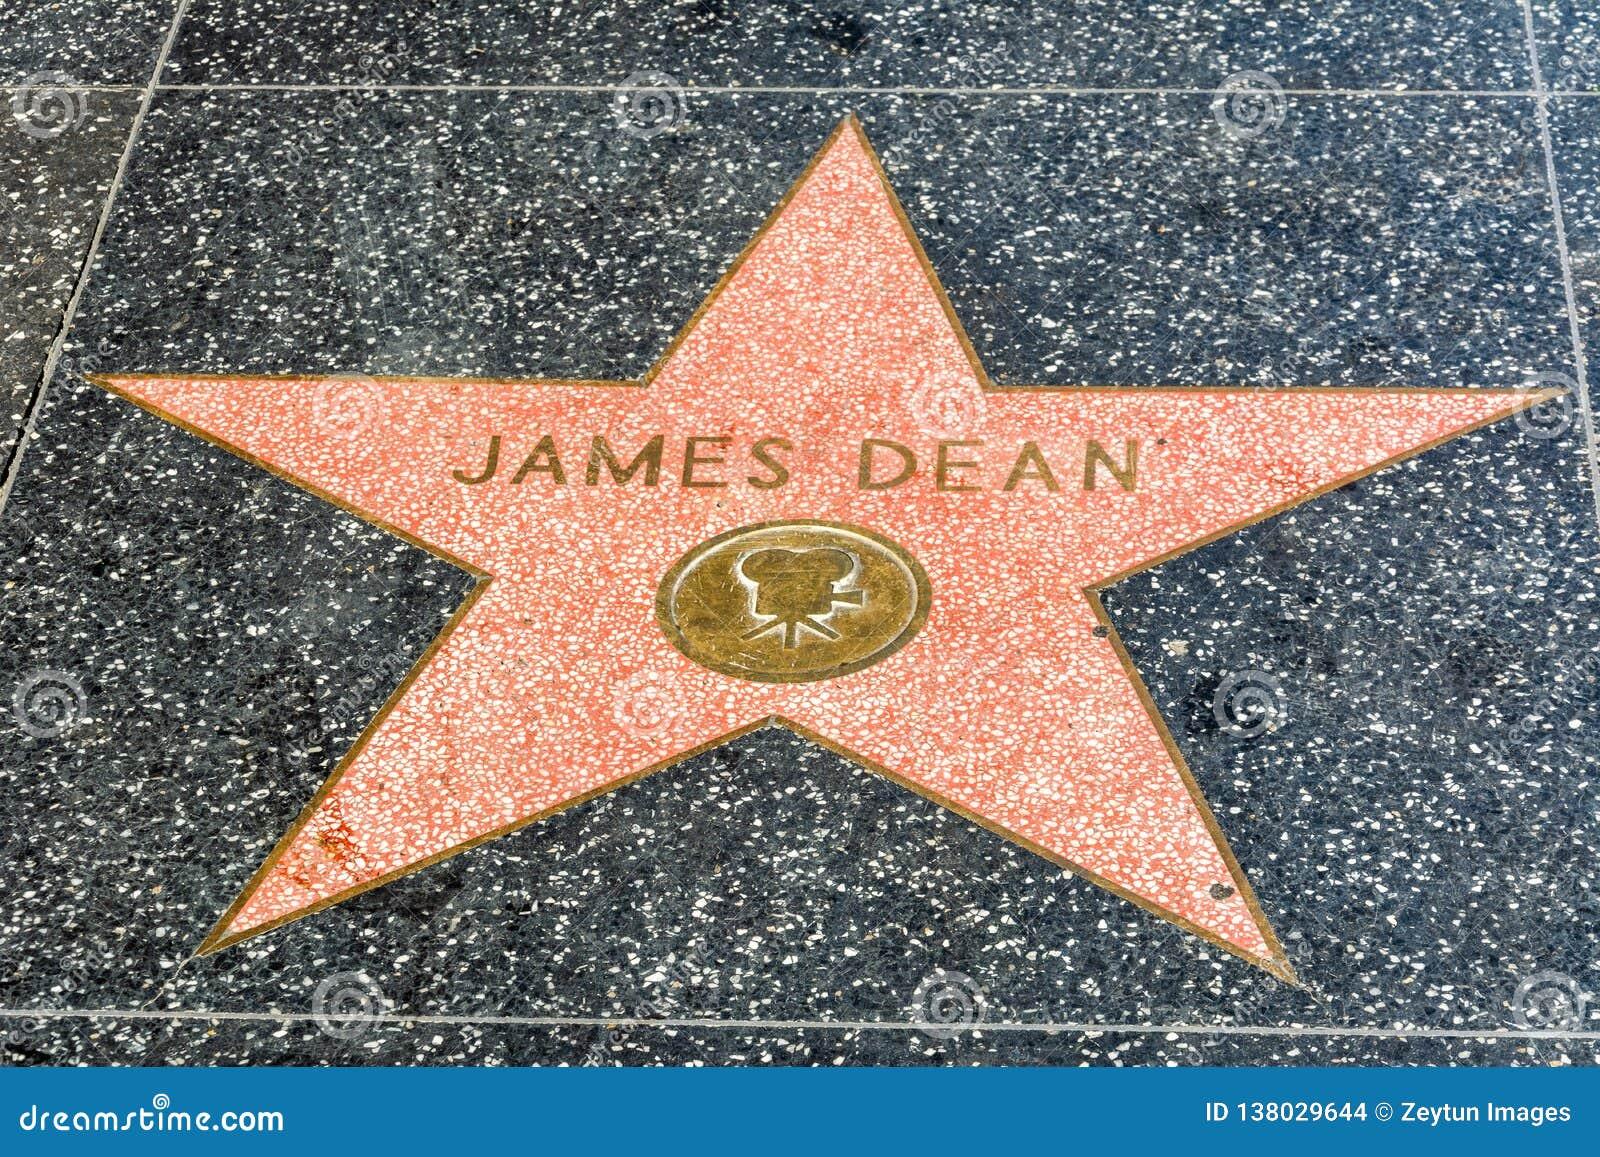 Den James Dean stjärnan på Hollywood går av berömmelse i Los Angeles, CA